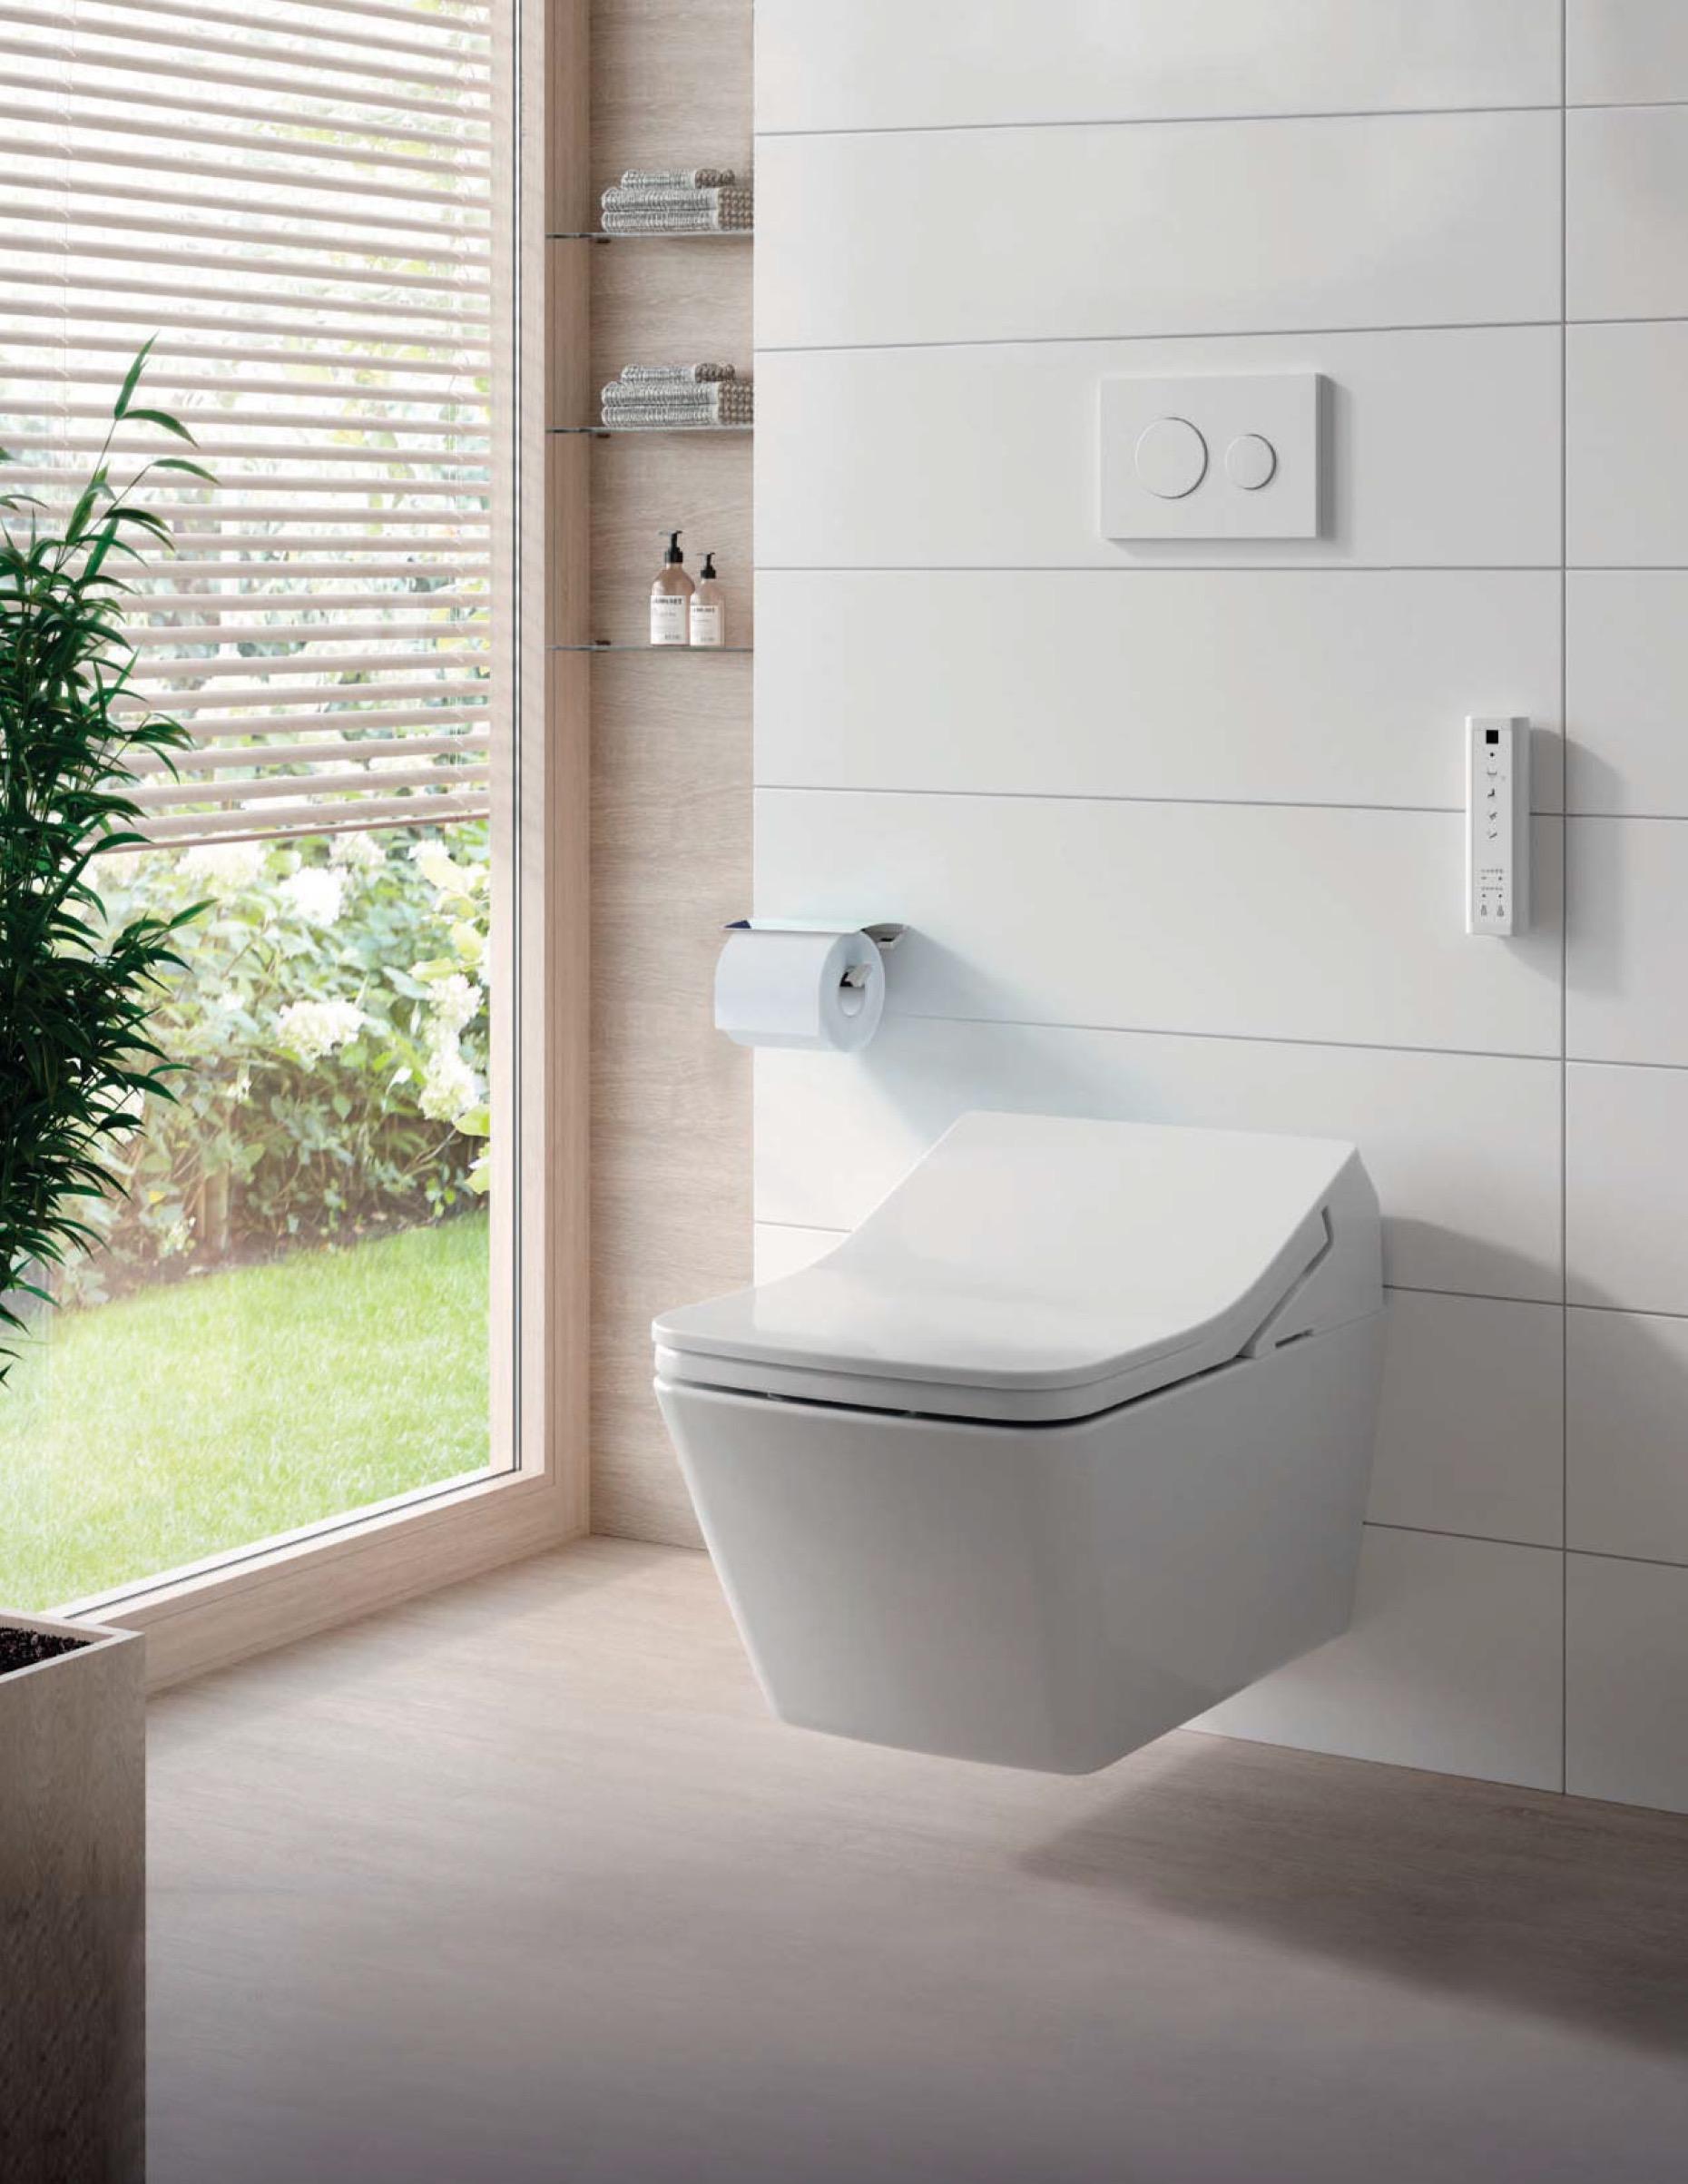 toto toilet freestanding